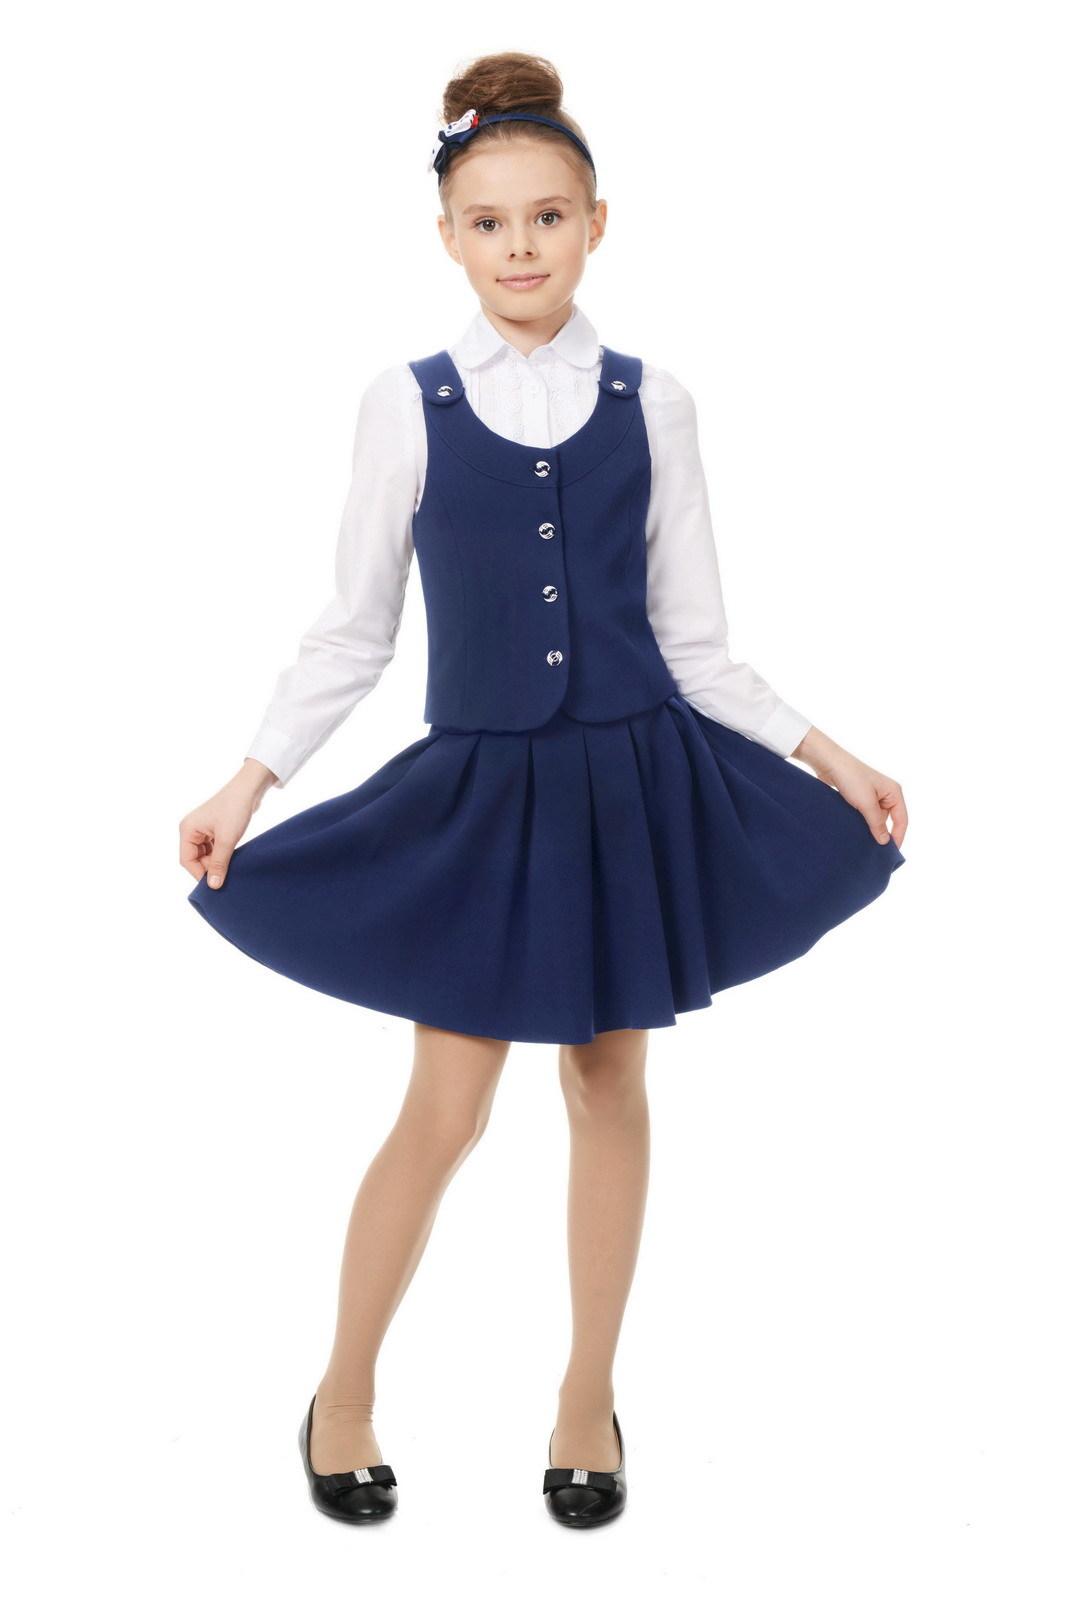 Купить Школьная юбка для девочек SkyLake ШФ-259 Рио цв. синий, р. 40/152, Юбки для девочек